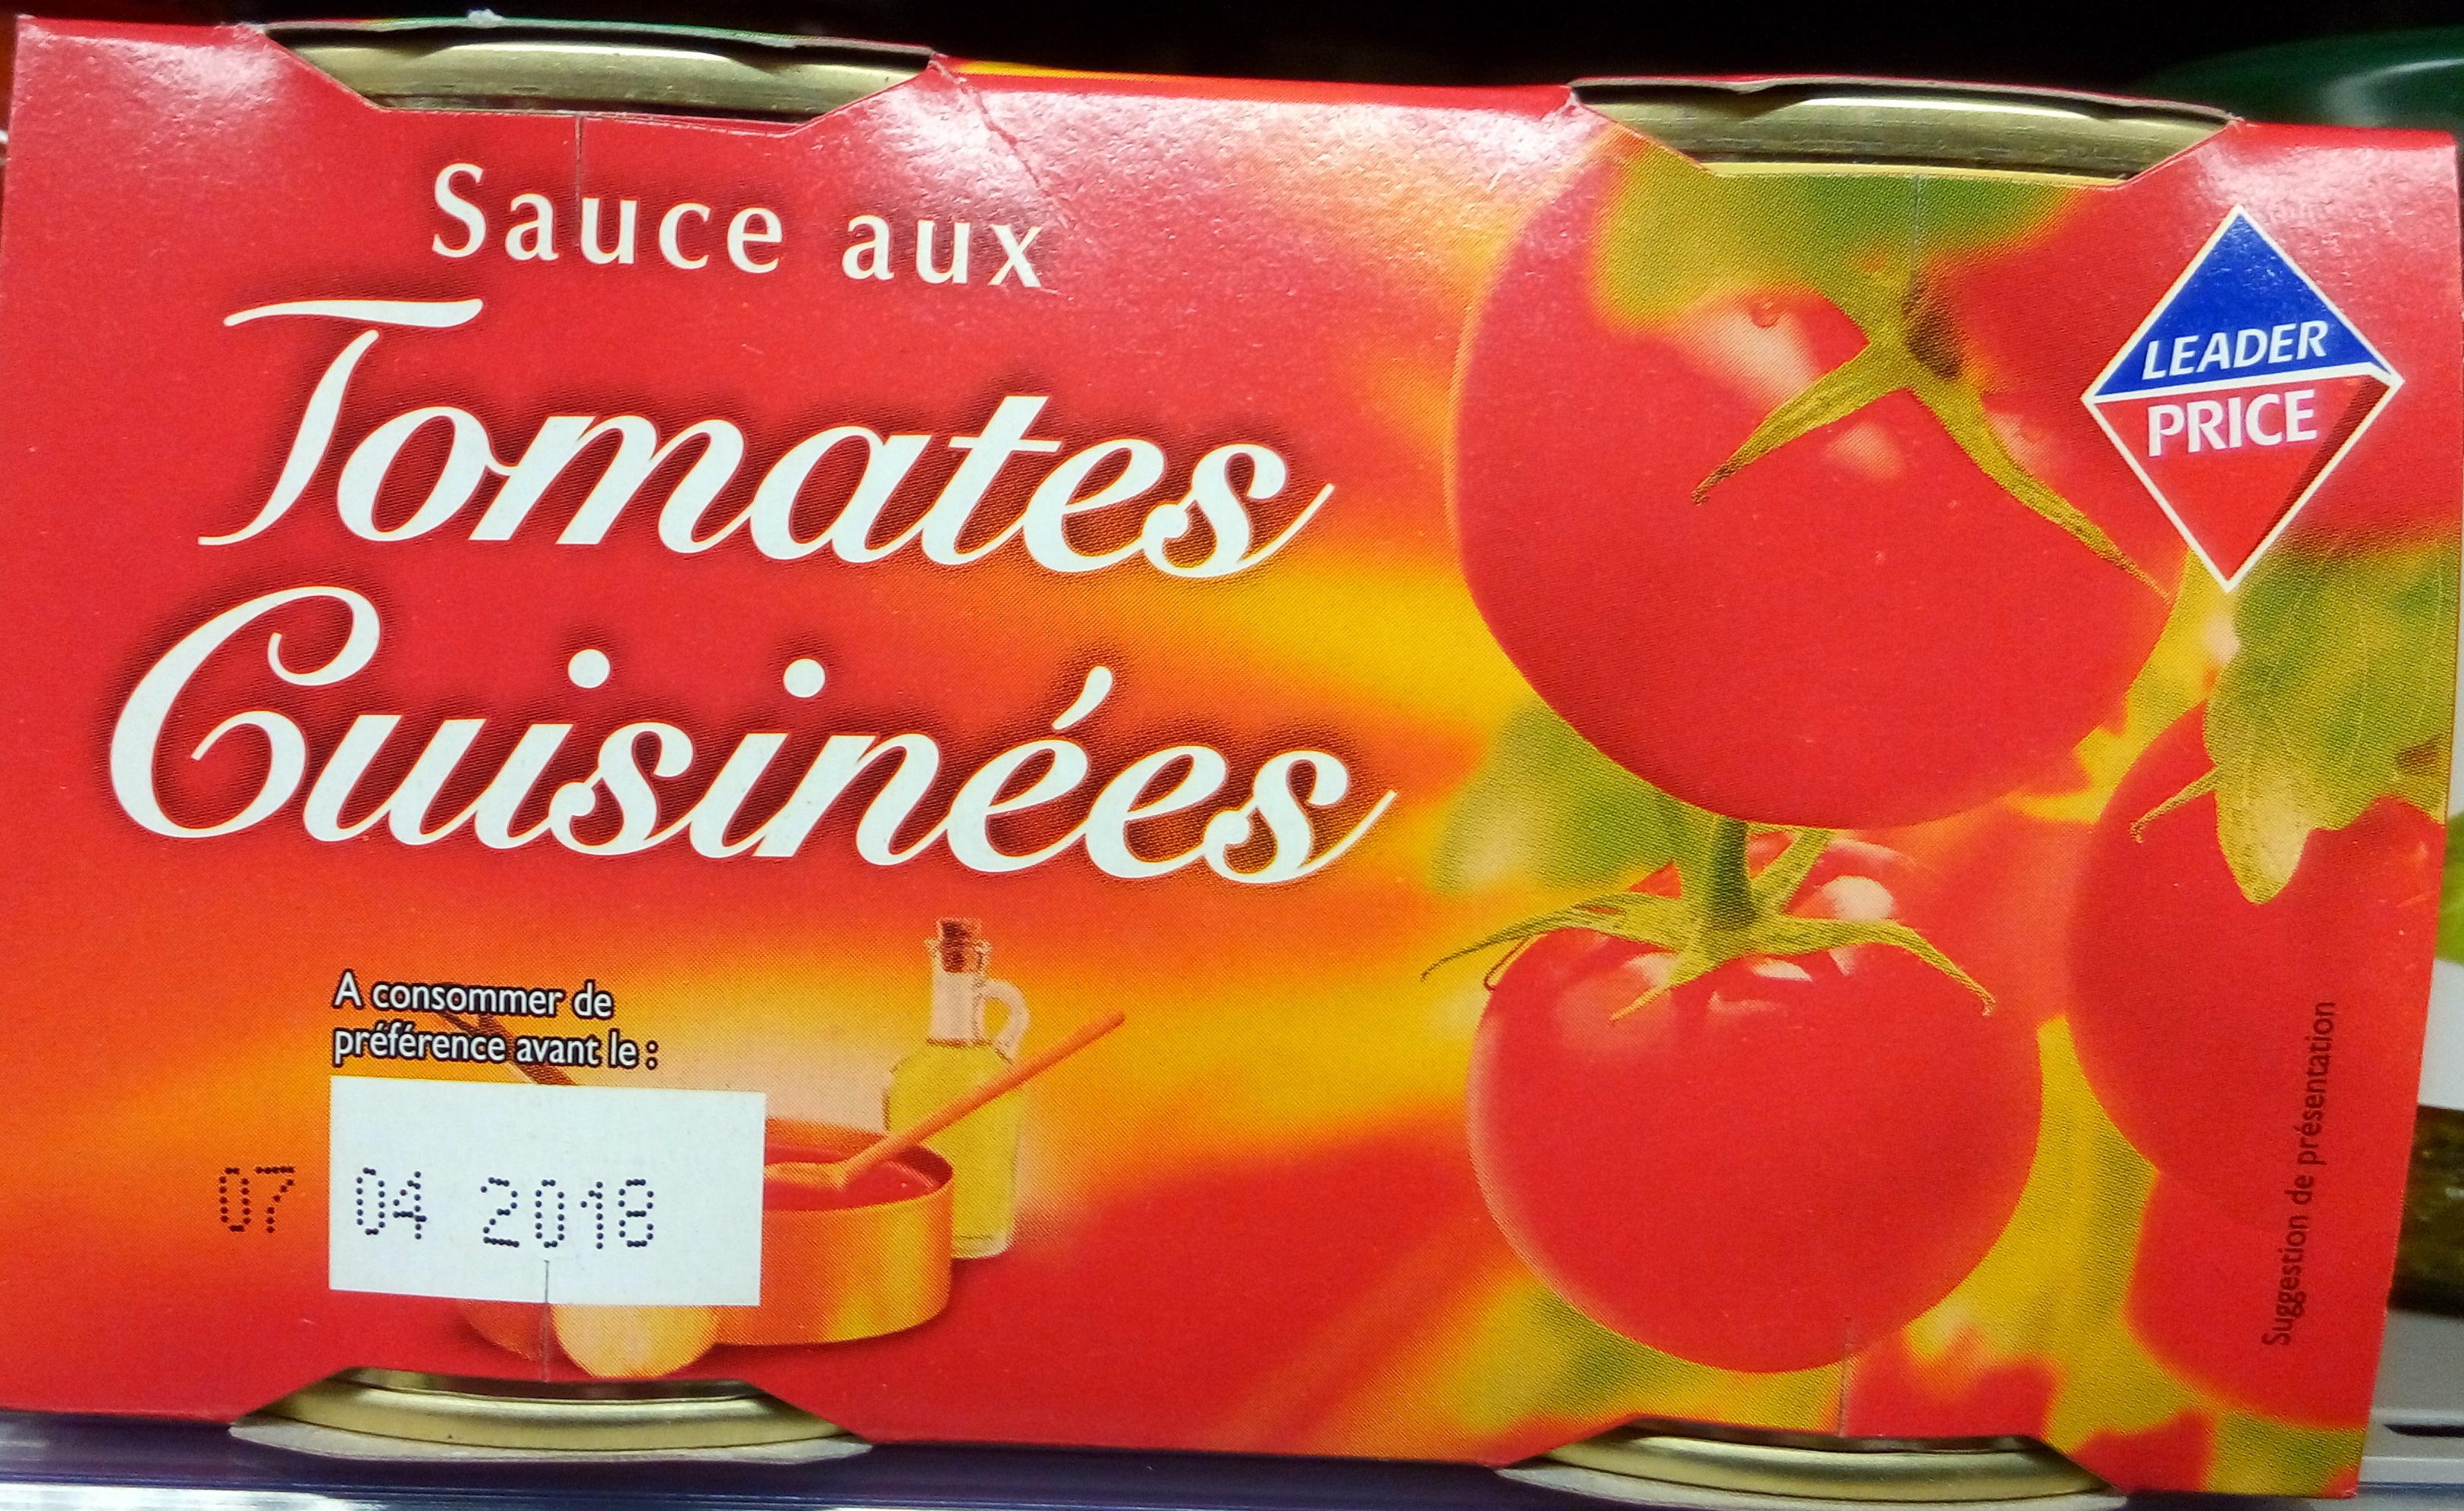 Sauce aux tomates fraîches - Product - fr